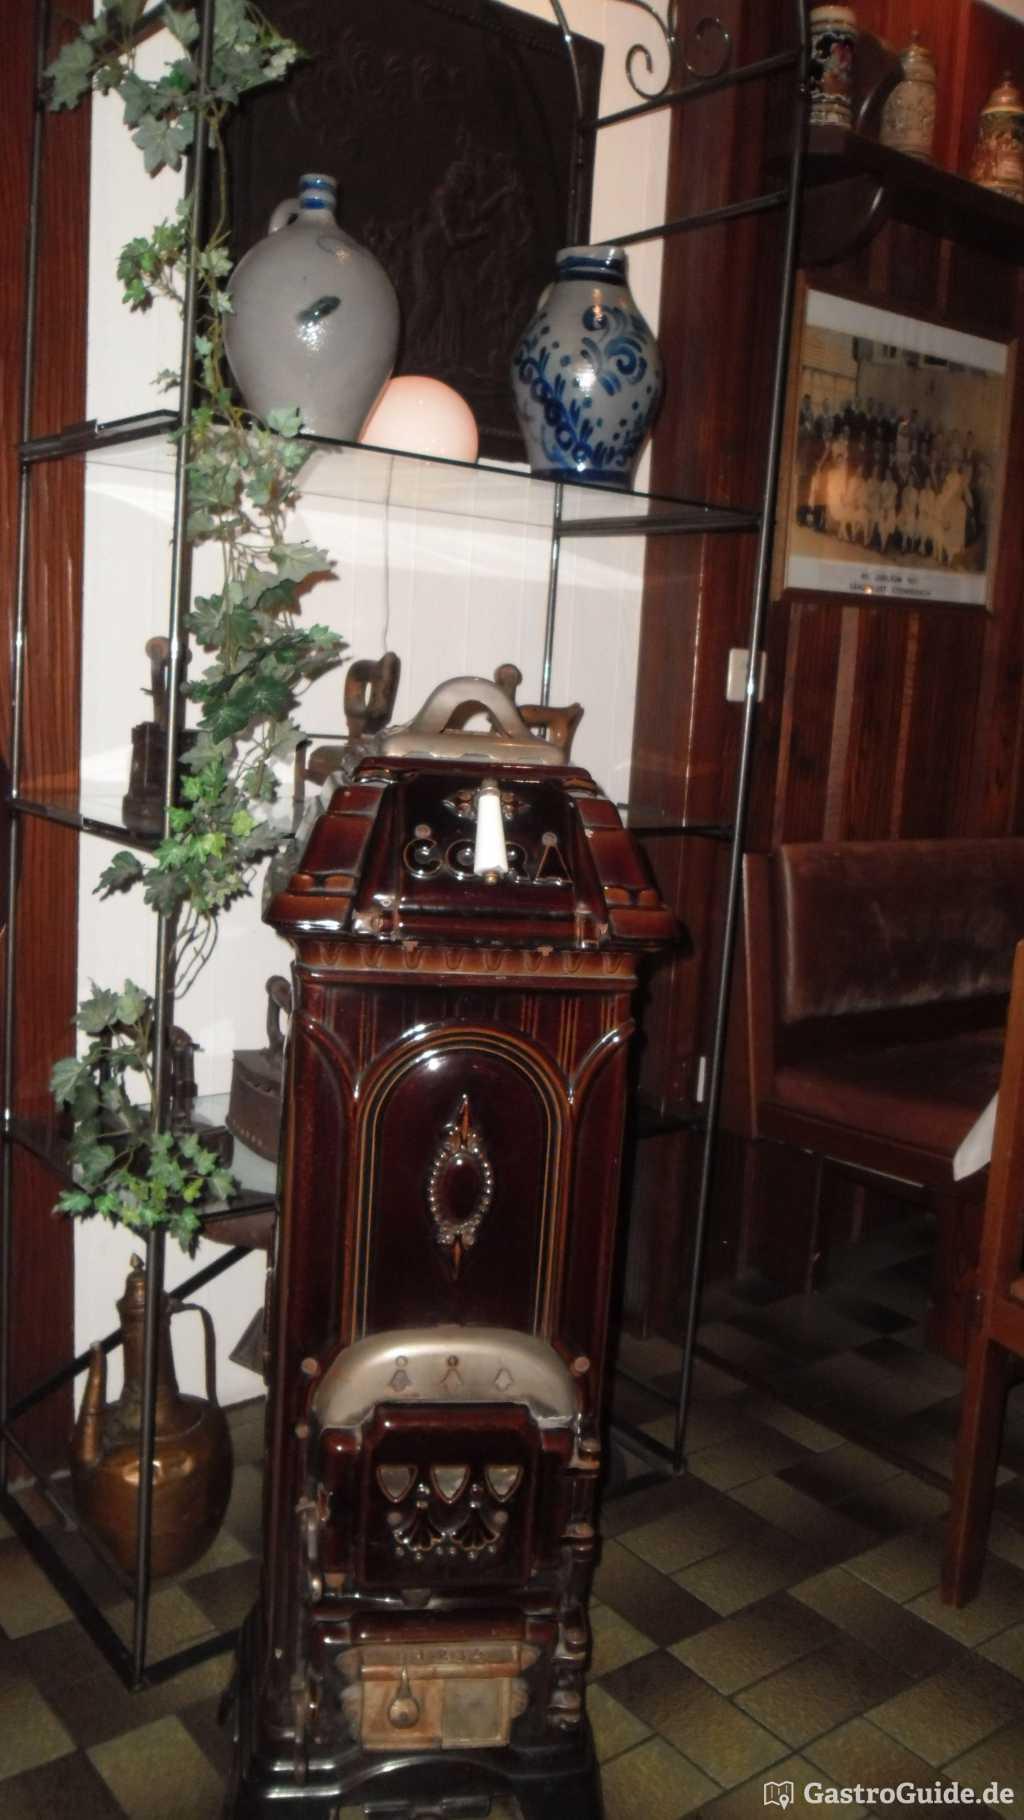 rebblick restaurant in 71404 korb korb. Black Bedroom Furniture Sets. Home Design Ideas